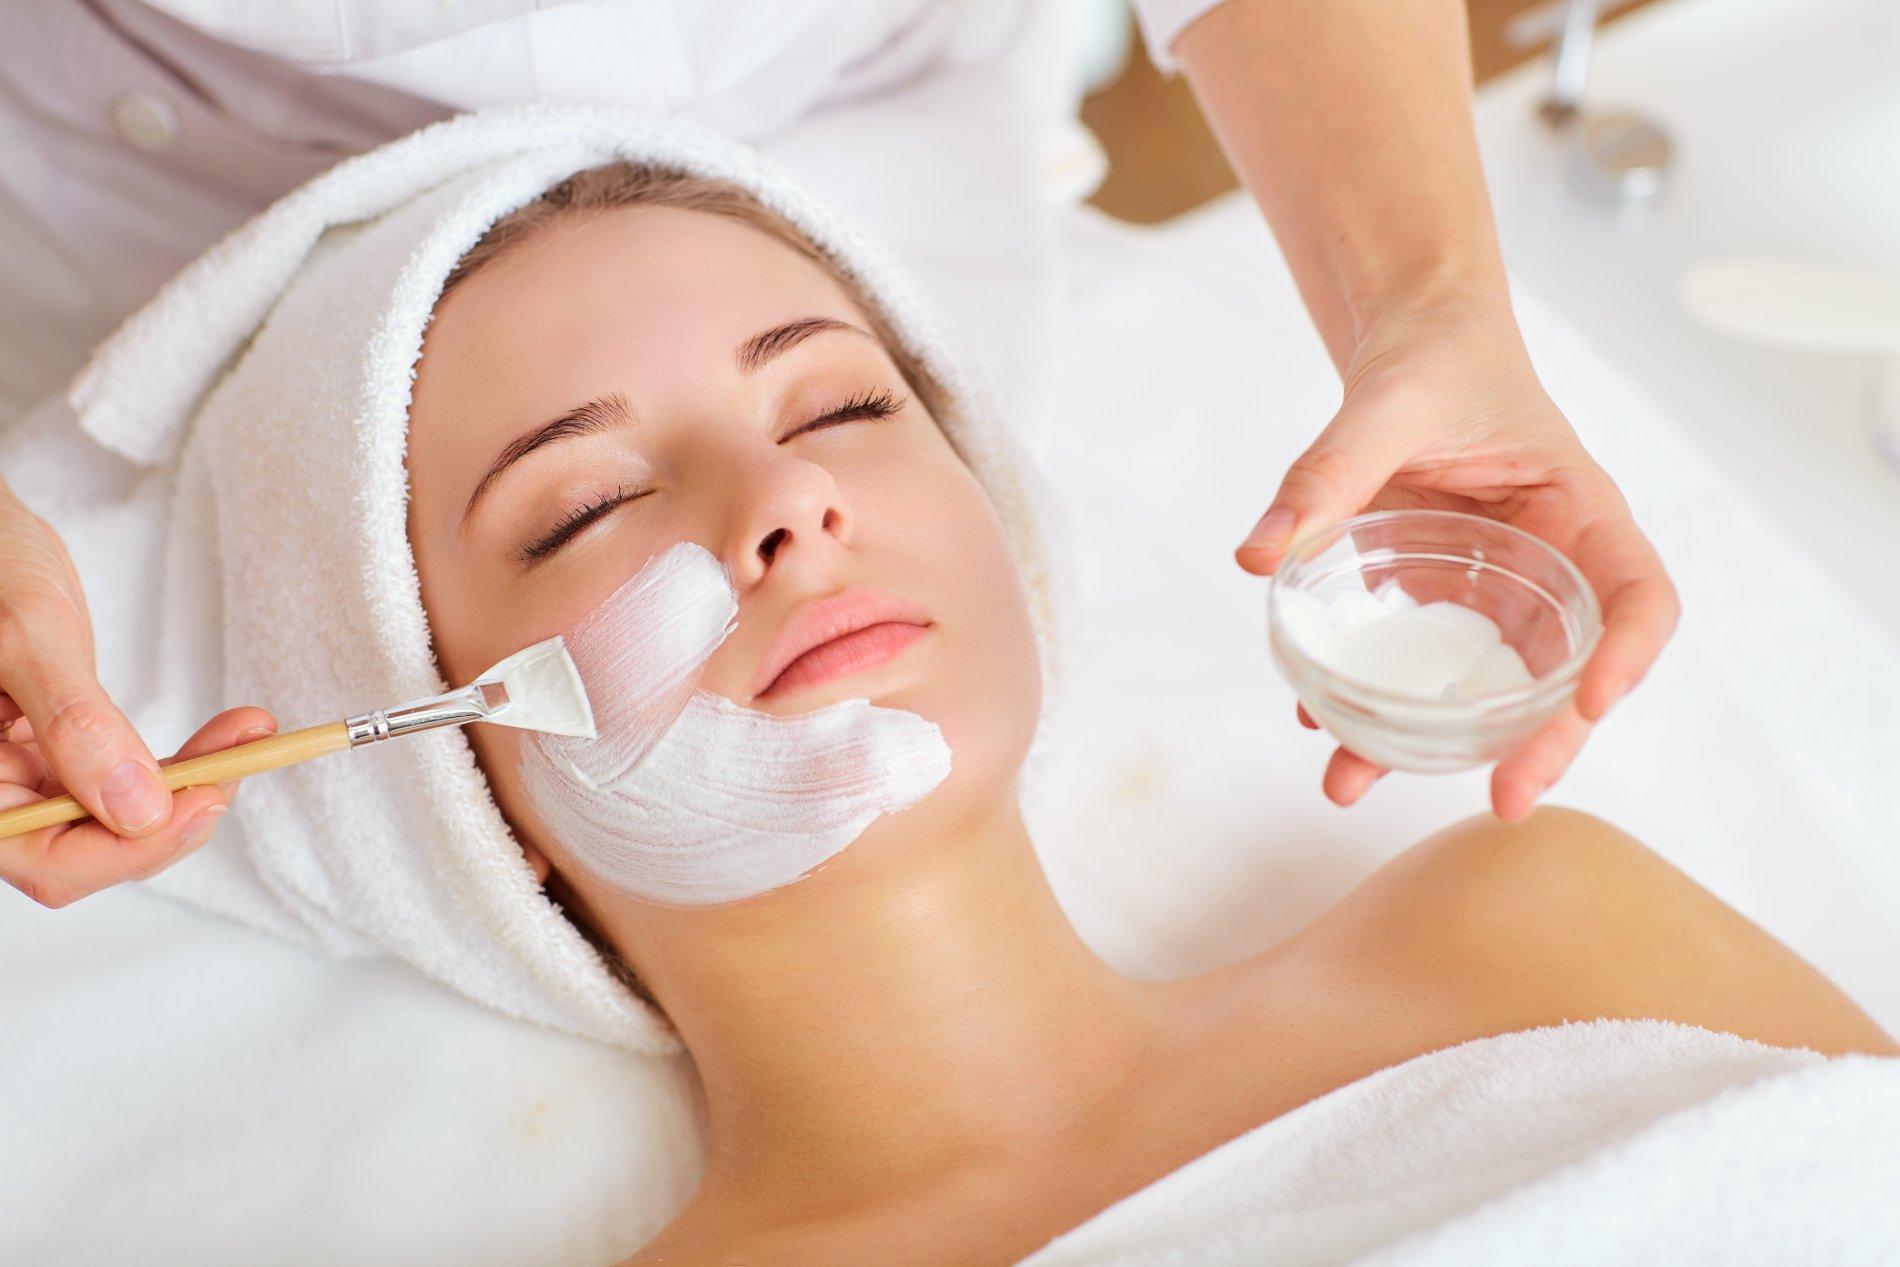 Gesichtsmaske wird mit einem Pinsel aufgetragen